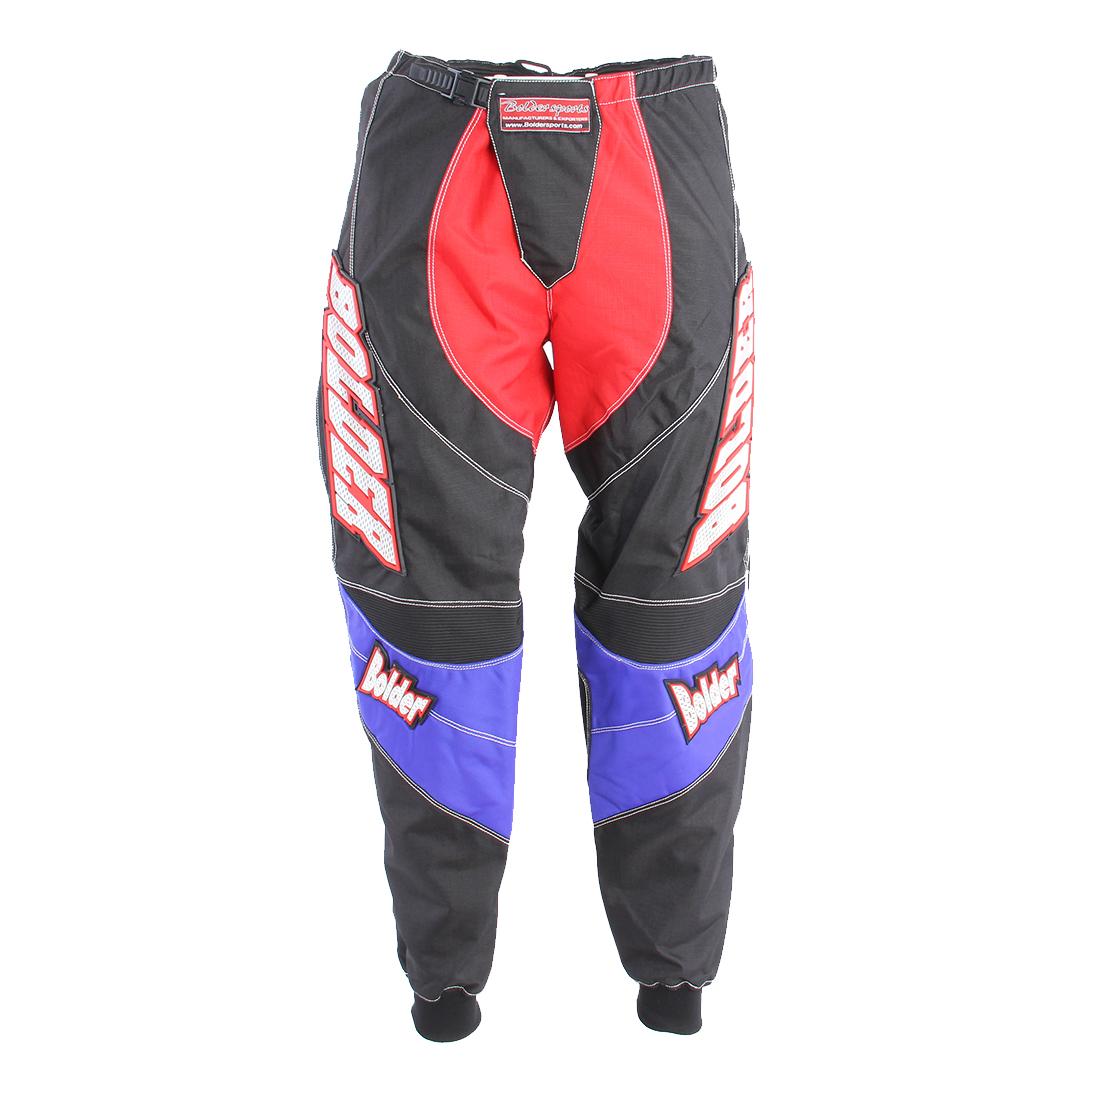 Kalhoty Motocross - Velikost: 34